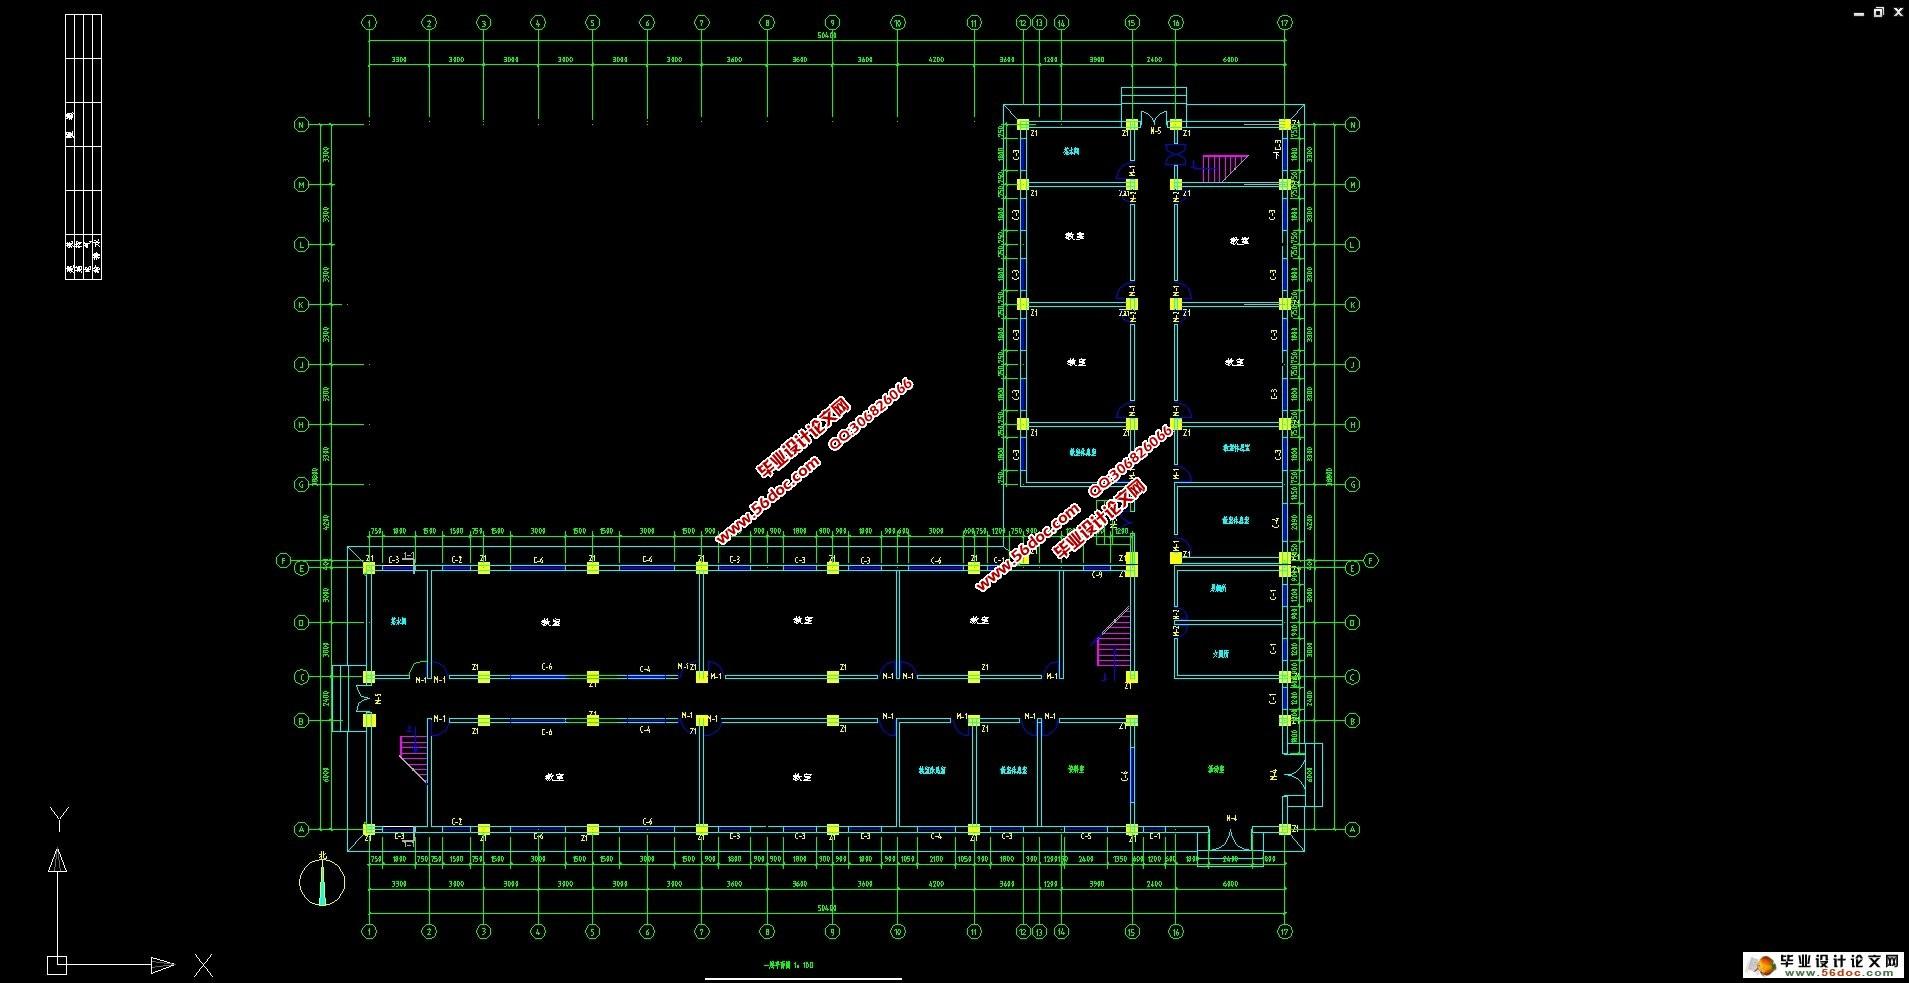 五层5000平米小学教学楼设计(含PKPM)(建筑图,结构图,总平面图)(含选题审批表,任务书,开题报告,中期检查表,外文翻译,实习报告,计算书52000字,建筑图12张,结构图13张) 工程概况 3.1.1 项目名称:九江市某小学教学楼。 3.1.2 建设地点:江西九江。 3.1.3 工程概况:该工程为九江市某小学教学楼,永久性建筑,建筑面积为5000m2左右,按规划要求,层数为主体5层,结构形式为框架结构。首层层高3.